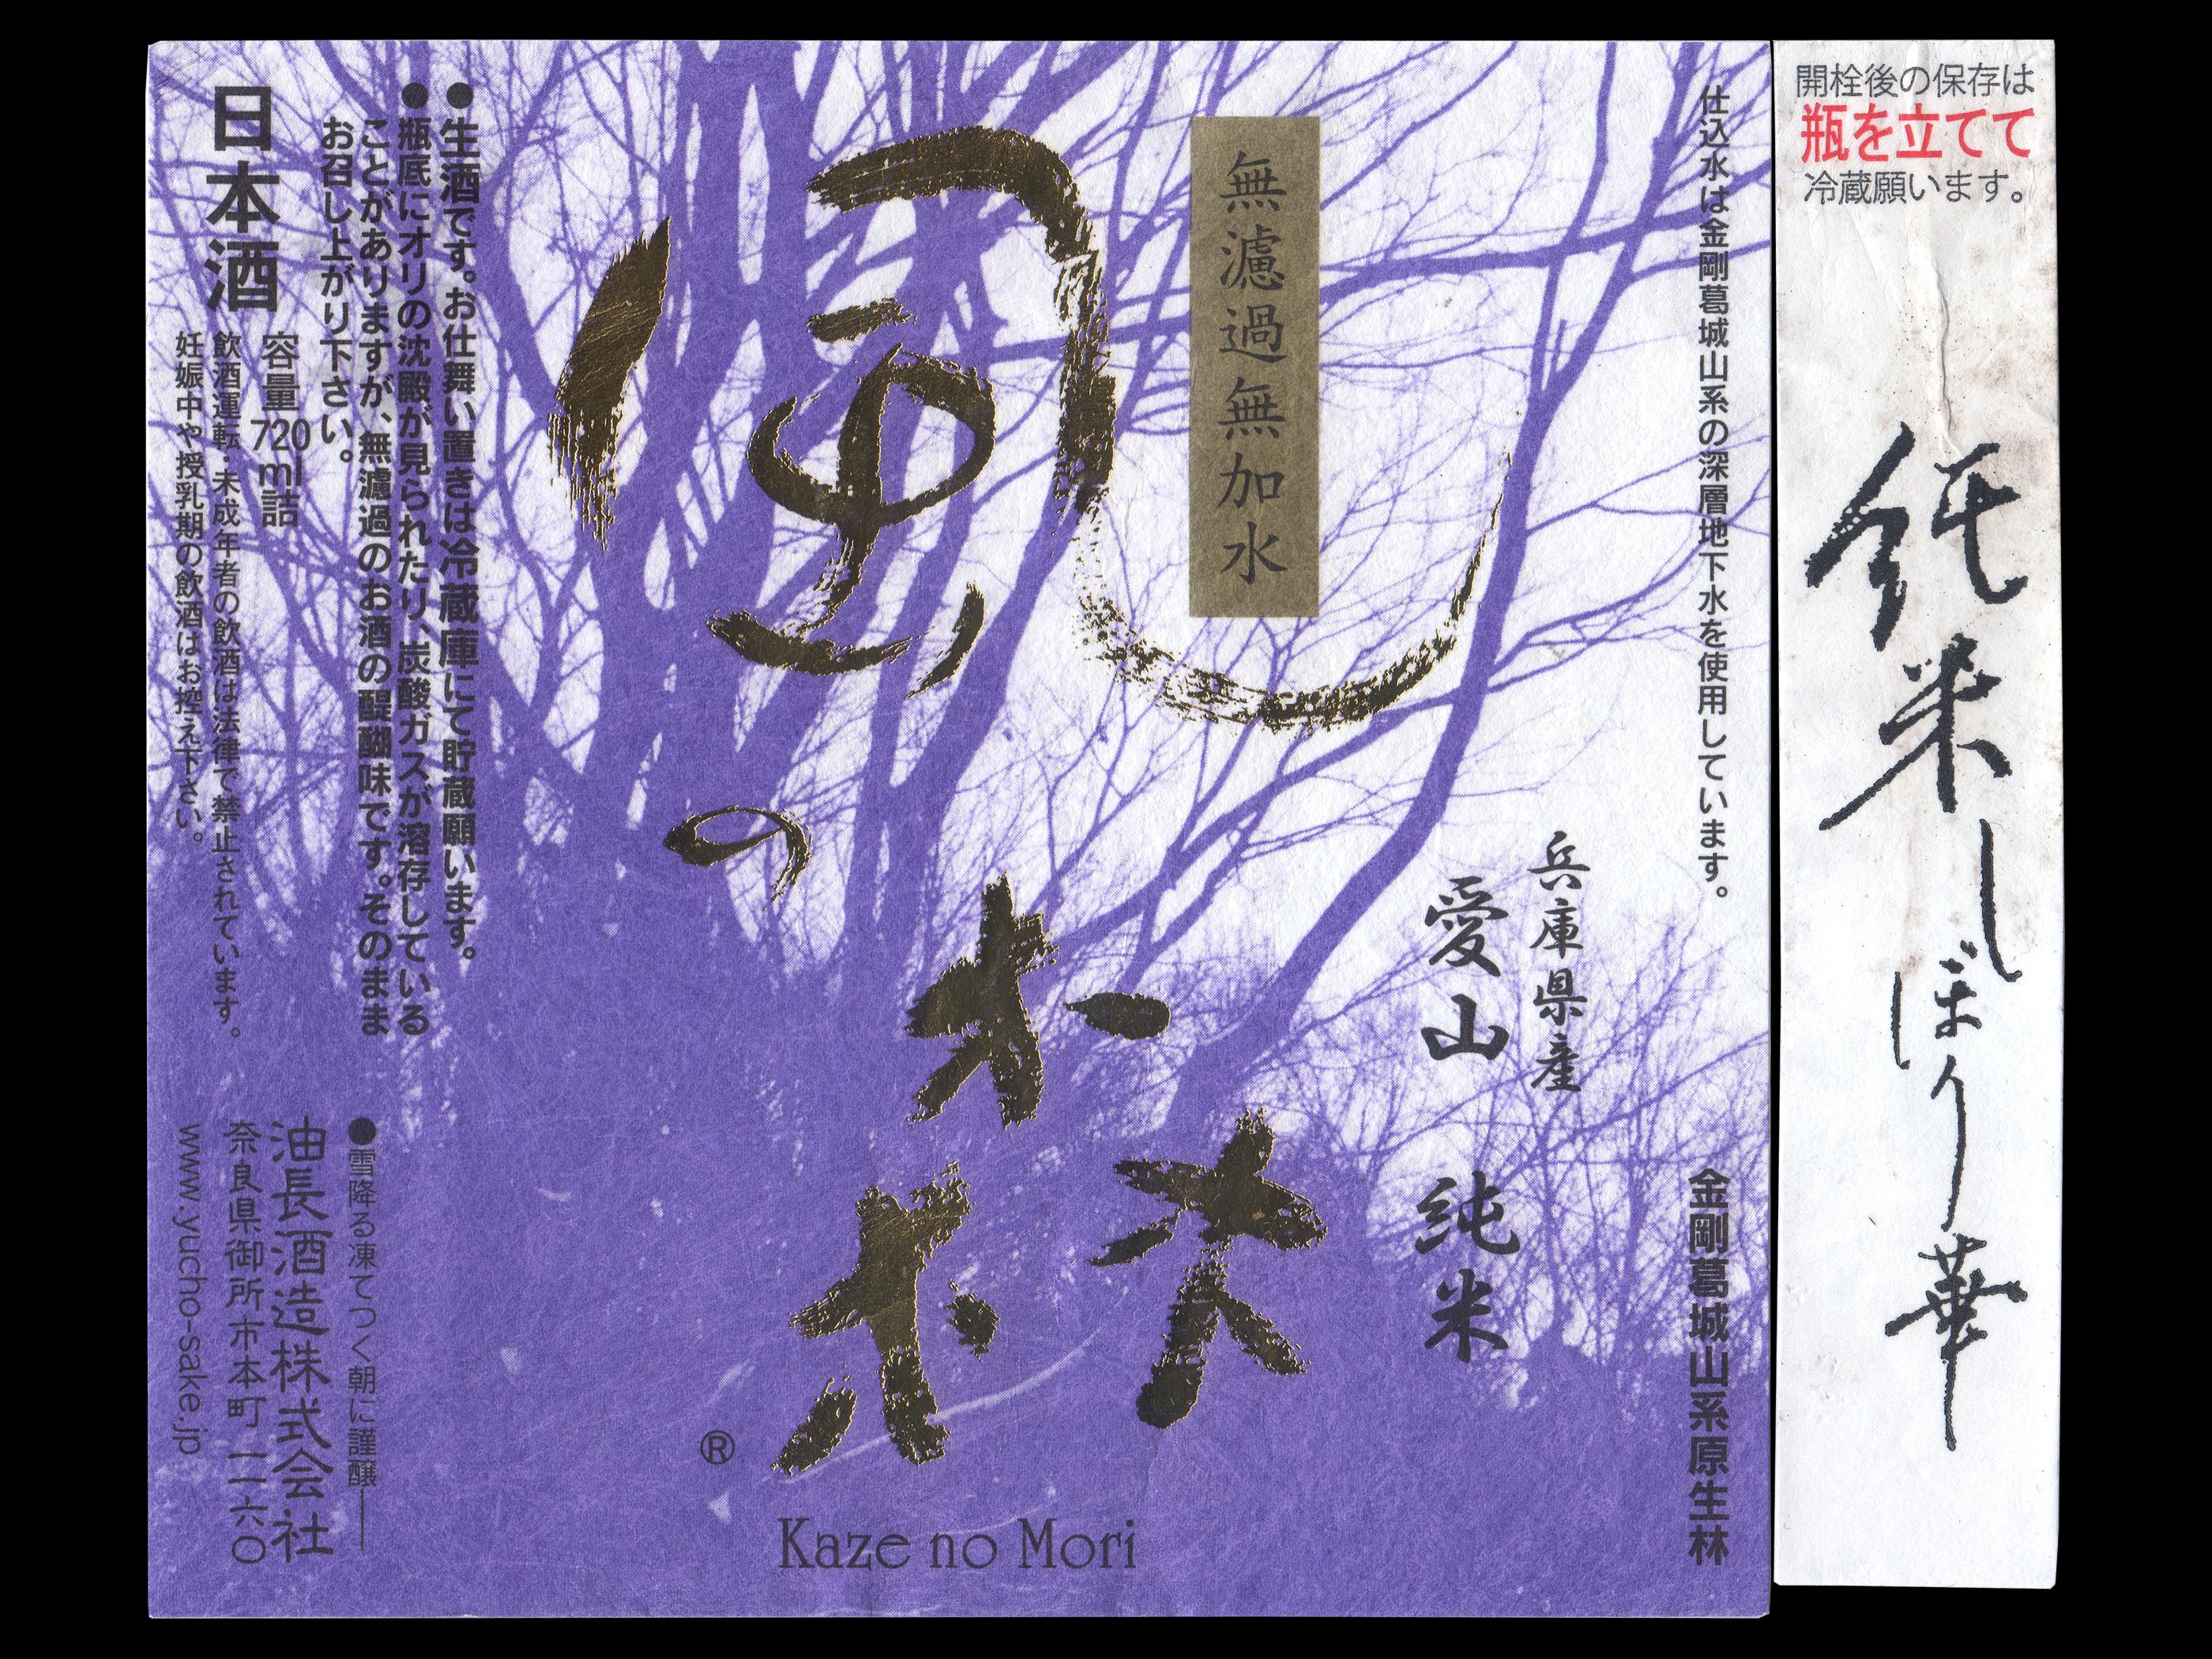 風の森(かぜのもり)「純米」愛山しぼり華ラベル